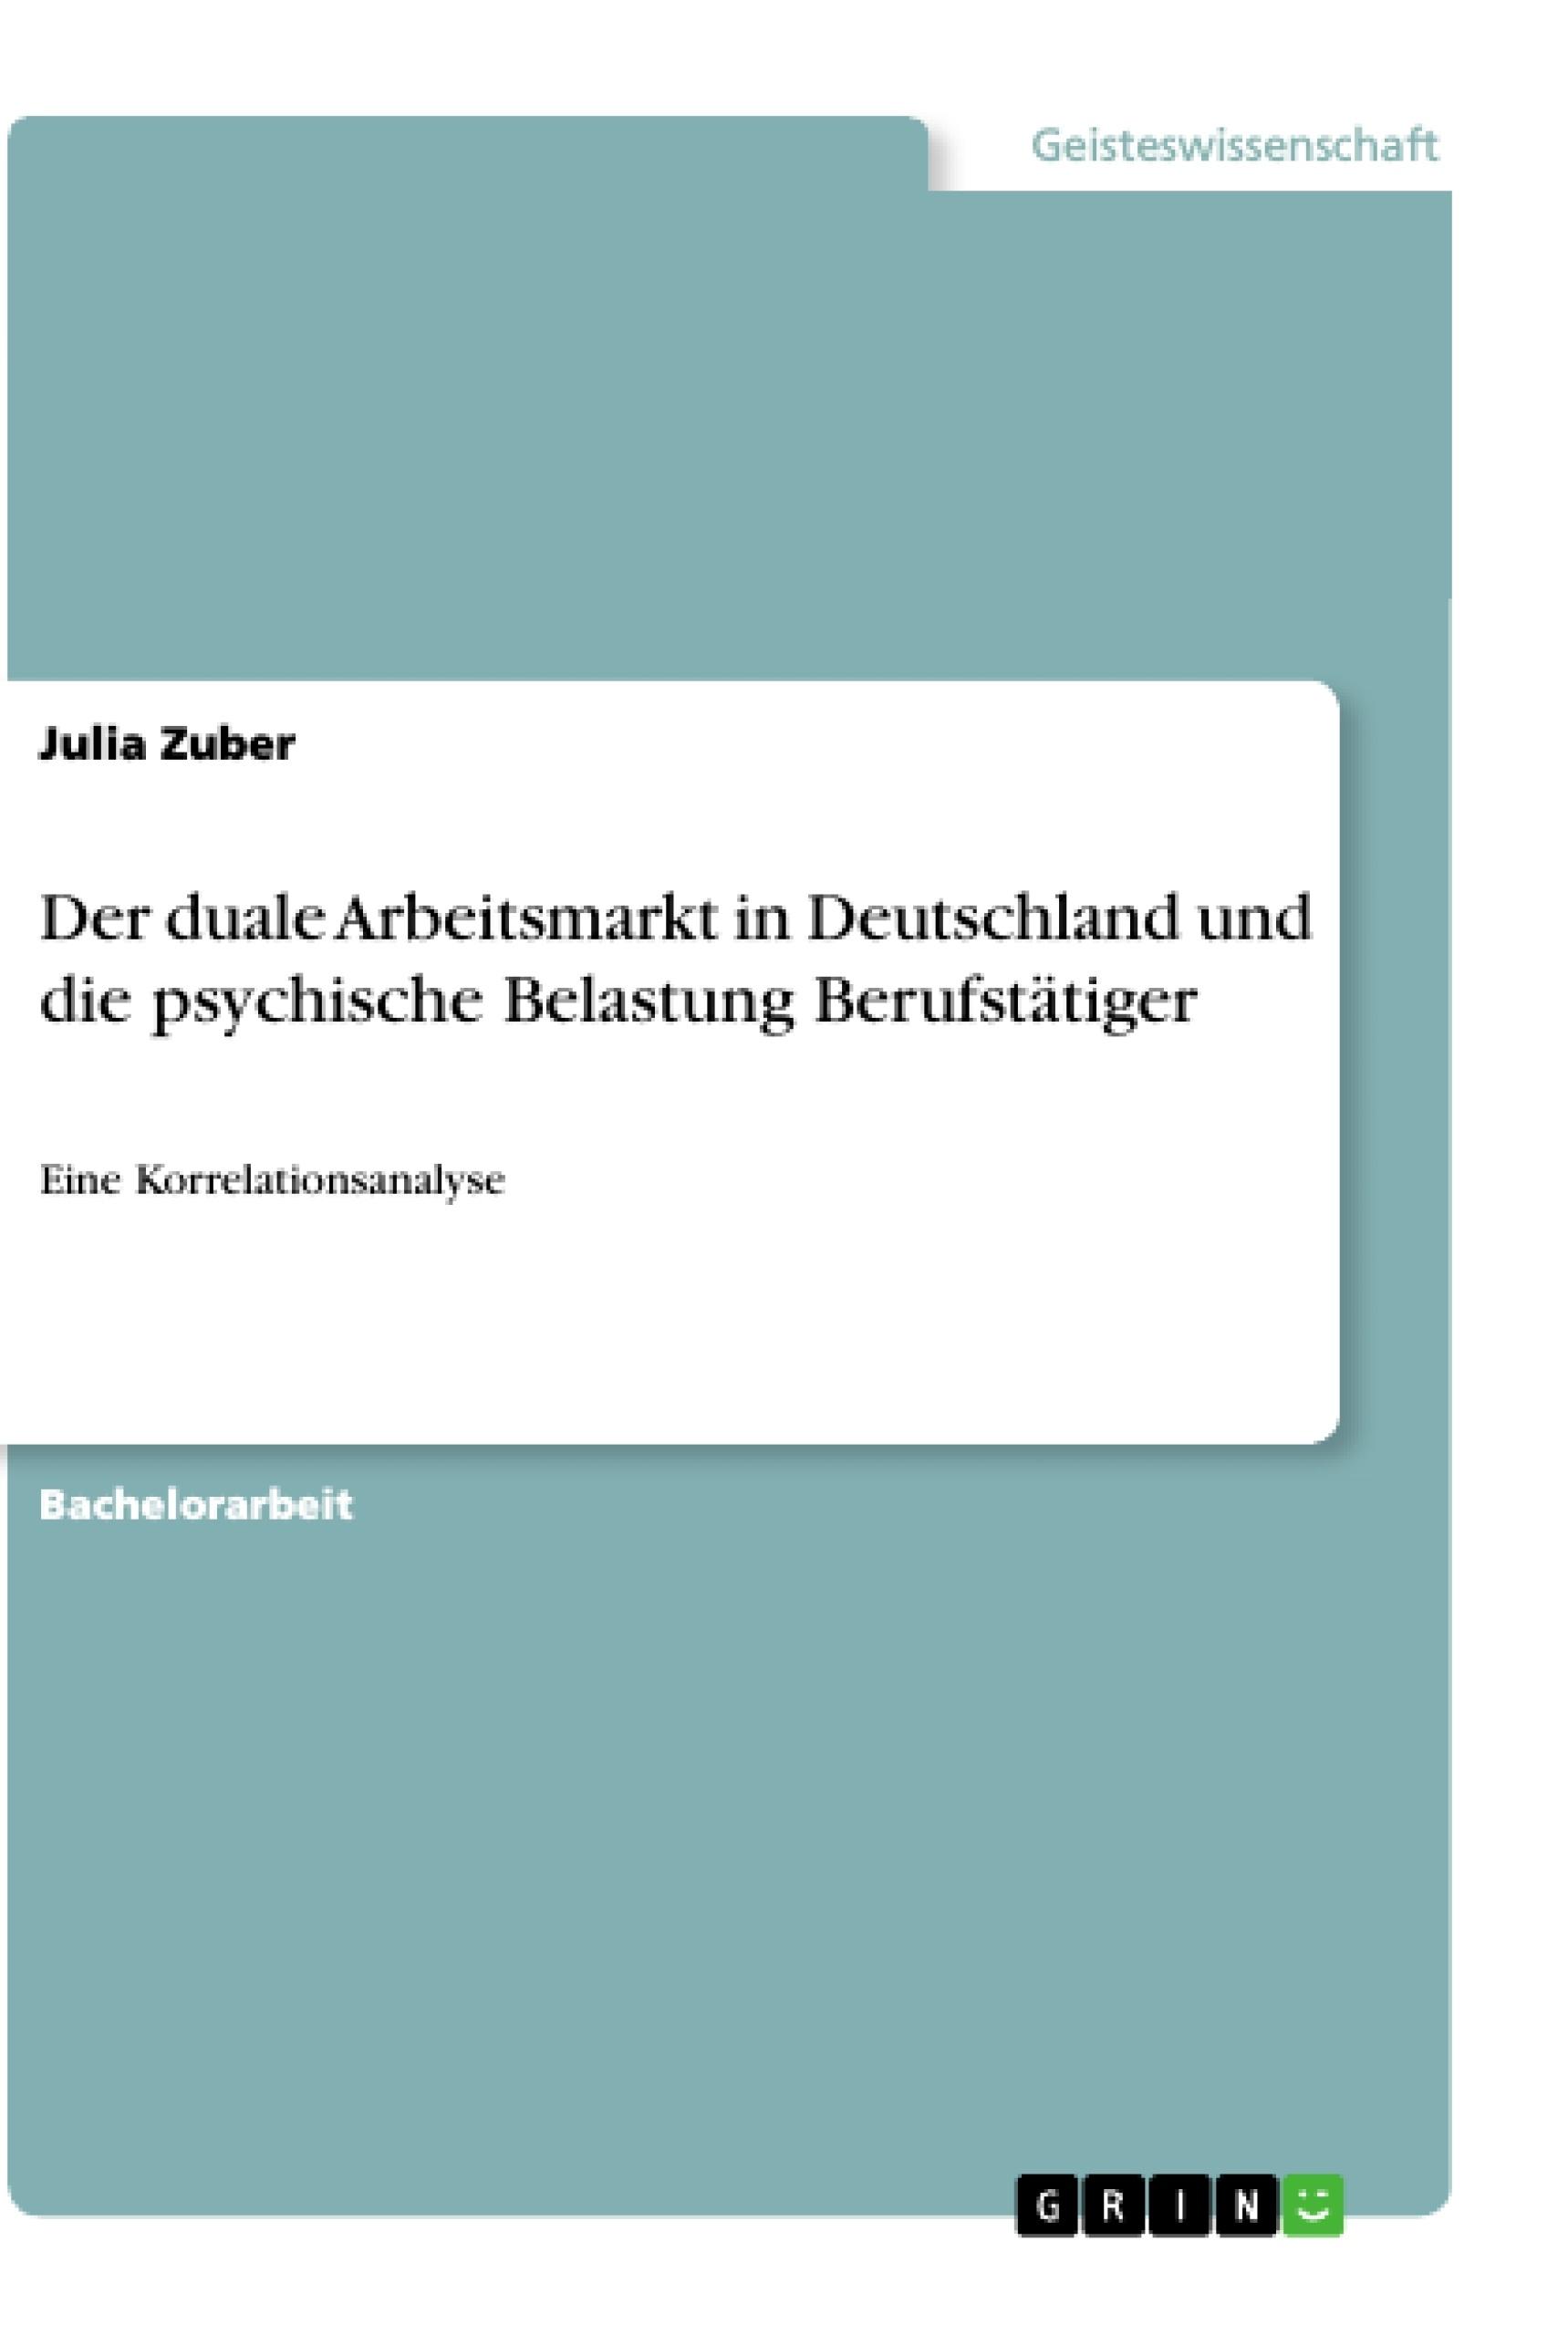 Titel: Der duale Arbeitsmarkt in Deutschland und die psychische Belastung Berufstätiger